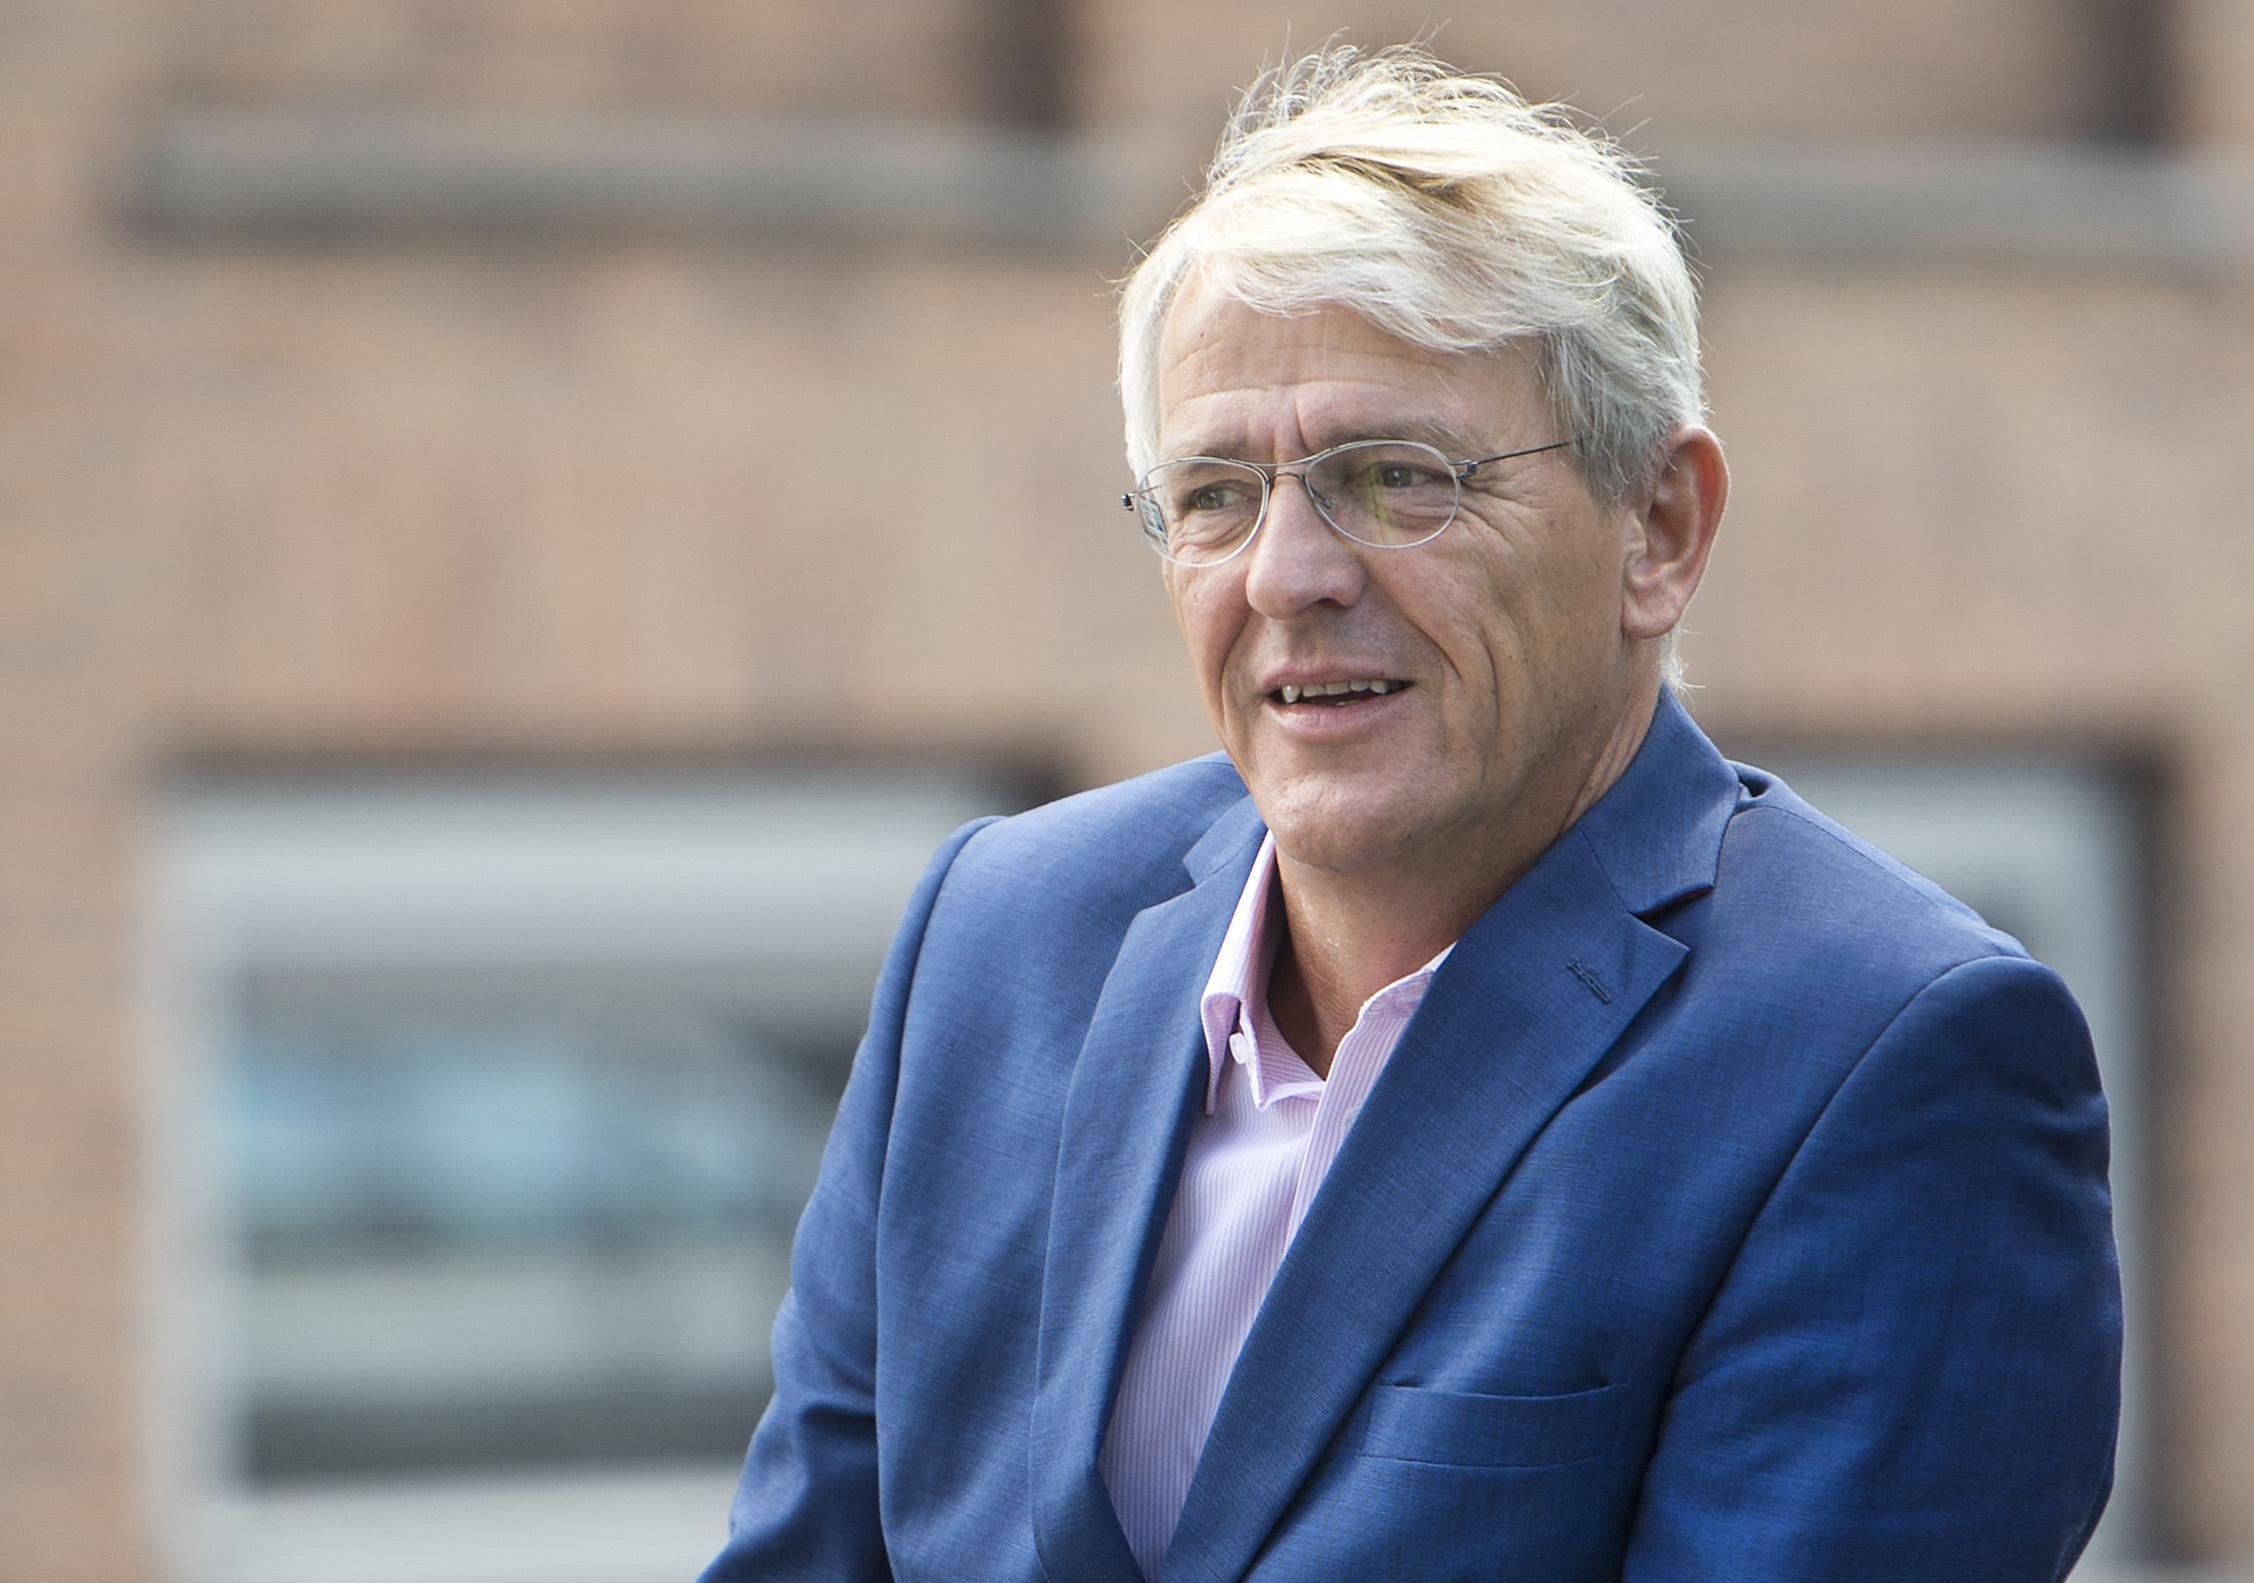 Burgemeester wil geen proef met wapenstok voor boa's in Den Helder